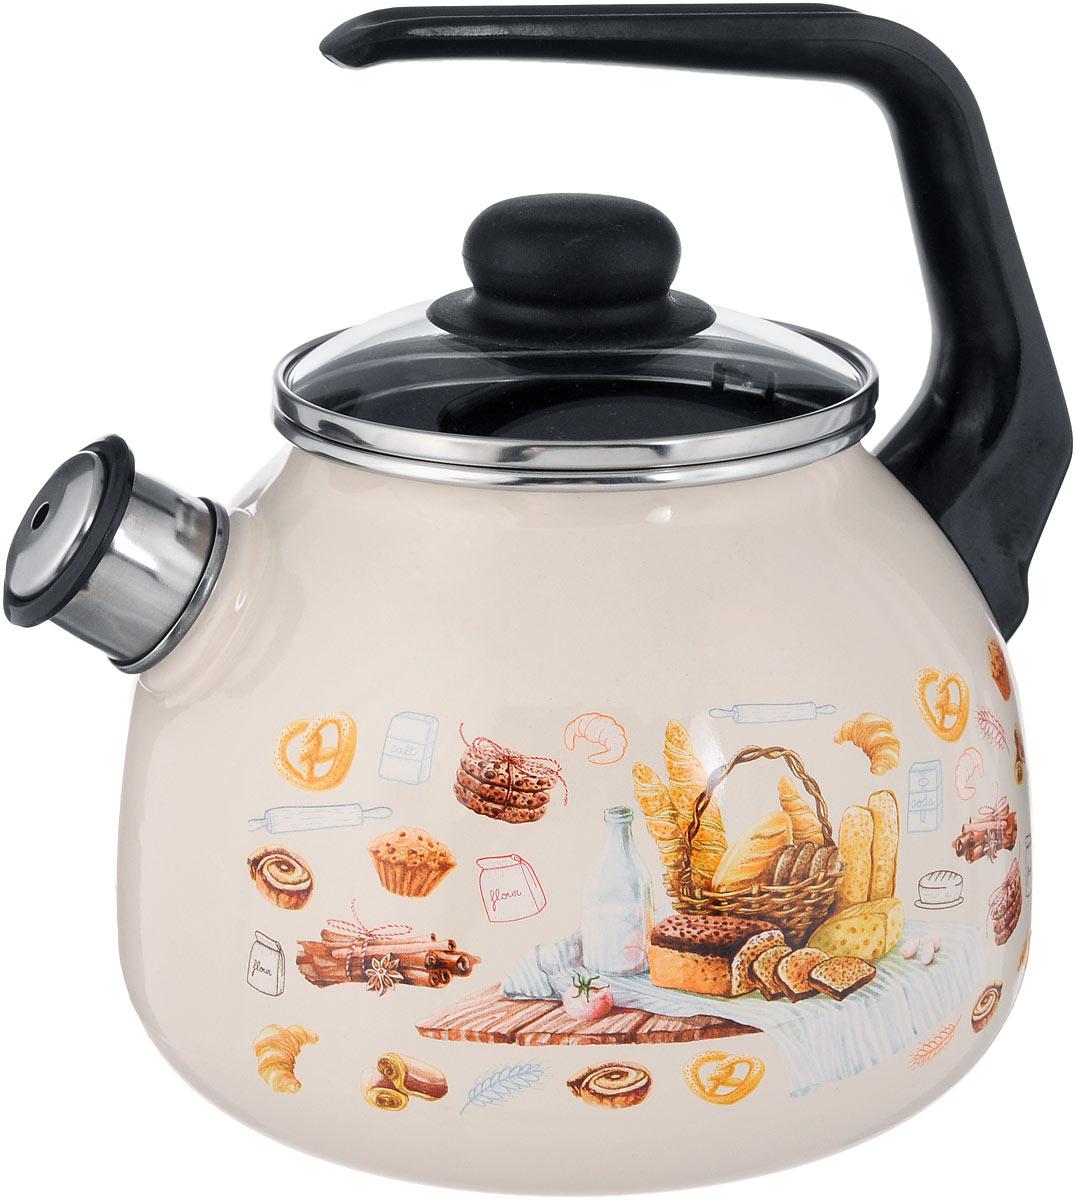 Чайник эмалированный СтальЭмаль Хлеб, со свистком, 3 л4с209/яЧайник СтальЭмаль Хлеб выполнен из высококачественного стального проката, покрытого двумя слоями жаропрочной эмали. Такое покрытие защищает сталь от коррозии, придает посуде гладкую стекловидную поверхность и надежно защищает от кислот и щелочей. Носик чайника оснащен свистком, звуковой сигнал которого подскажет, когда закипит вода. Чайник оснащен фиксированной ручкой из пластика и стеклянной крышкой, которая плотно прилегает к краю благодаря особой конструкции. Внешние стенки декорированы красочным изображением различных хлебобулочных изделий. Эстетичный и функциональный чайник будет оригинально смотреться в любом интерьере. Подходит для всех типов плит, включая индукционные. Можно мыть в посудомоечной машине. Диаметр (по верхнему краю): 12,5 см. Высота чайника (с учетом ручки): 24 см. Высота чайника (без учета ручки и крышки): 15 см.